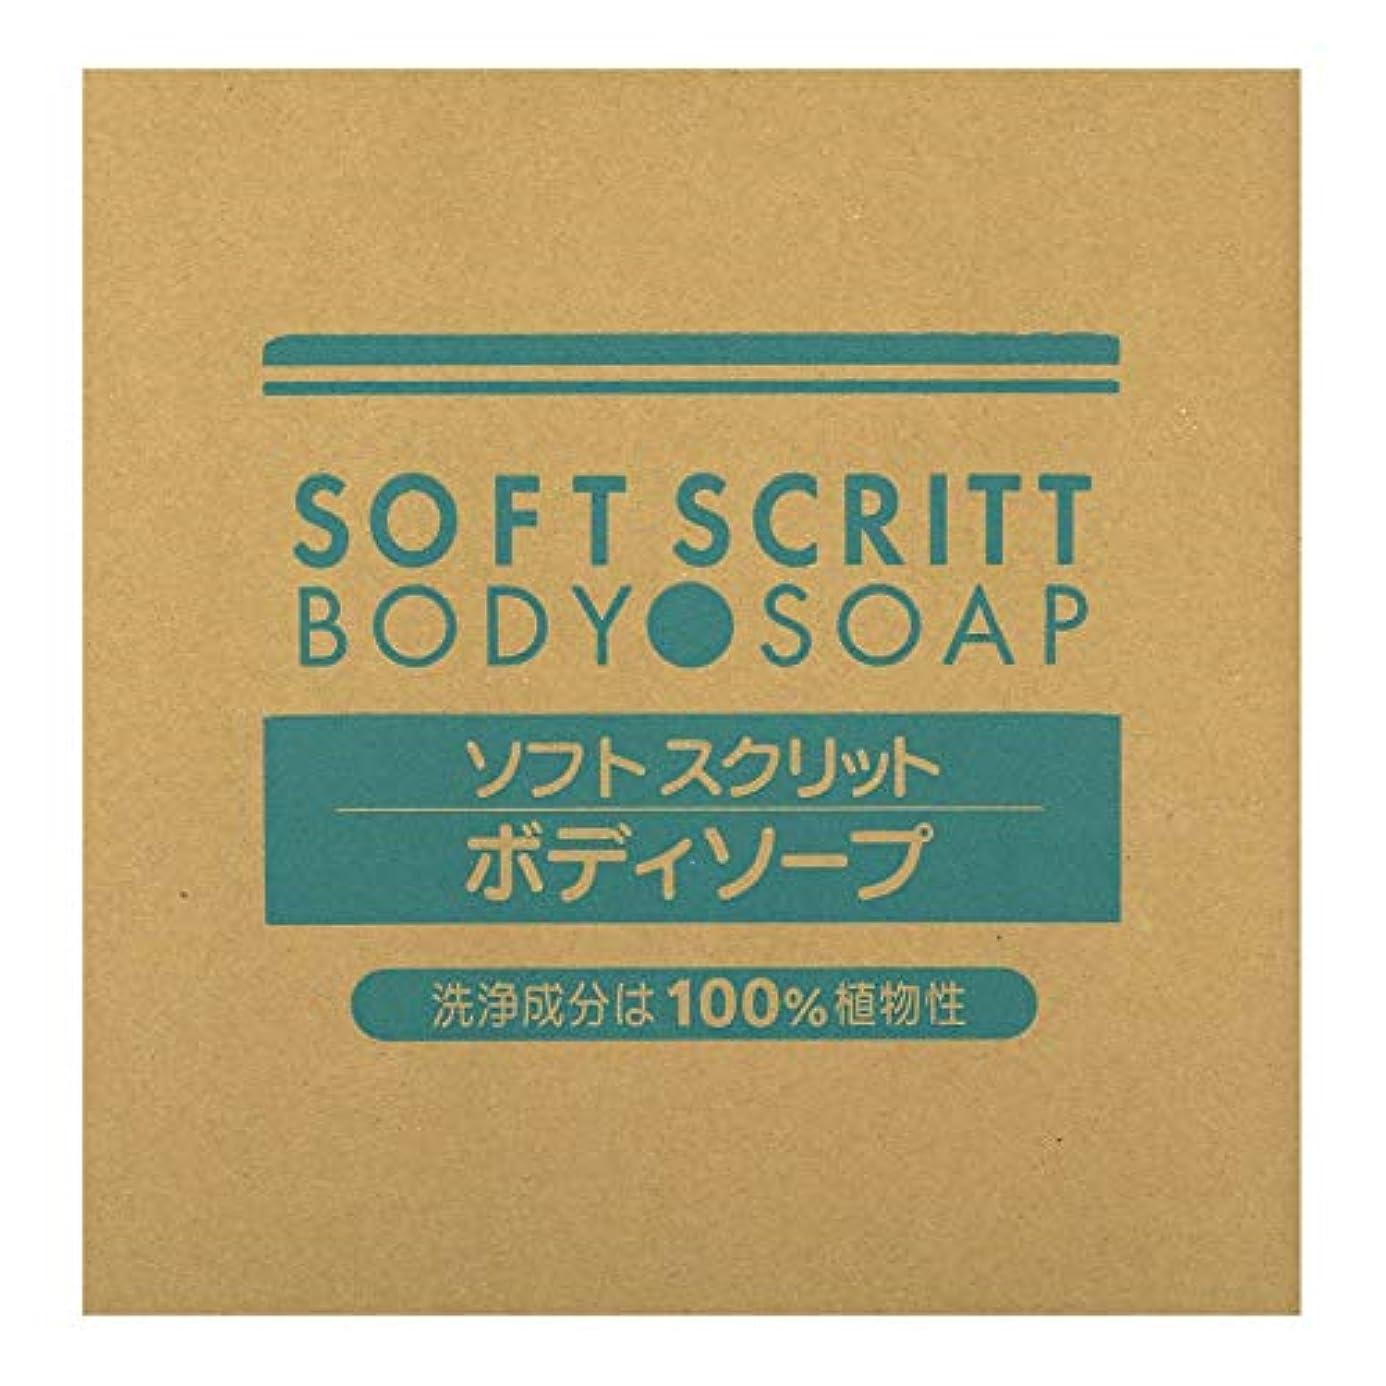 滴下達成ベール熊野油脂 業務用 SOFT SCRITT(ソフト スクリット) ボディソープ 18L